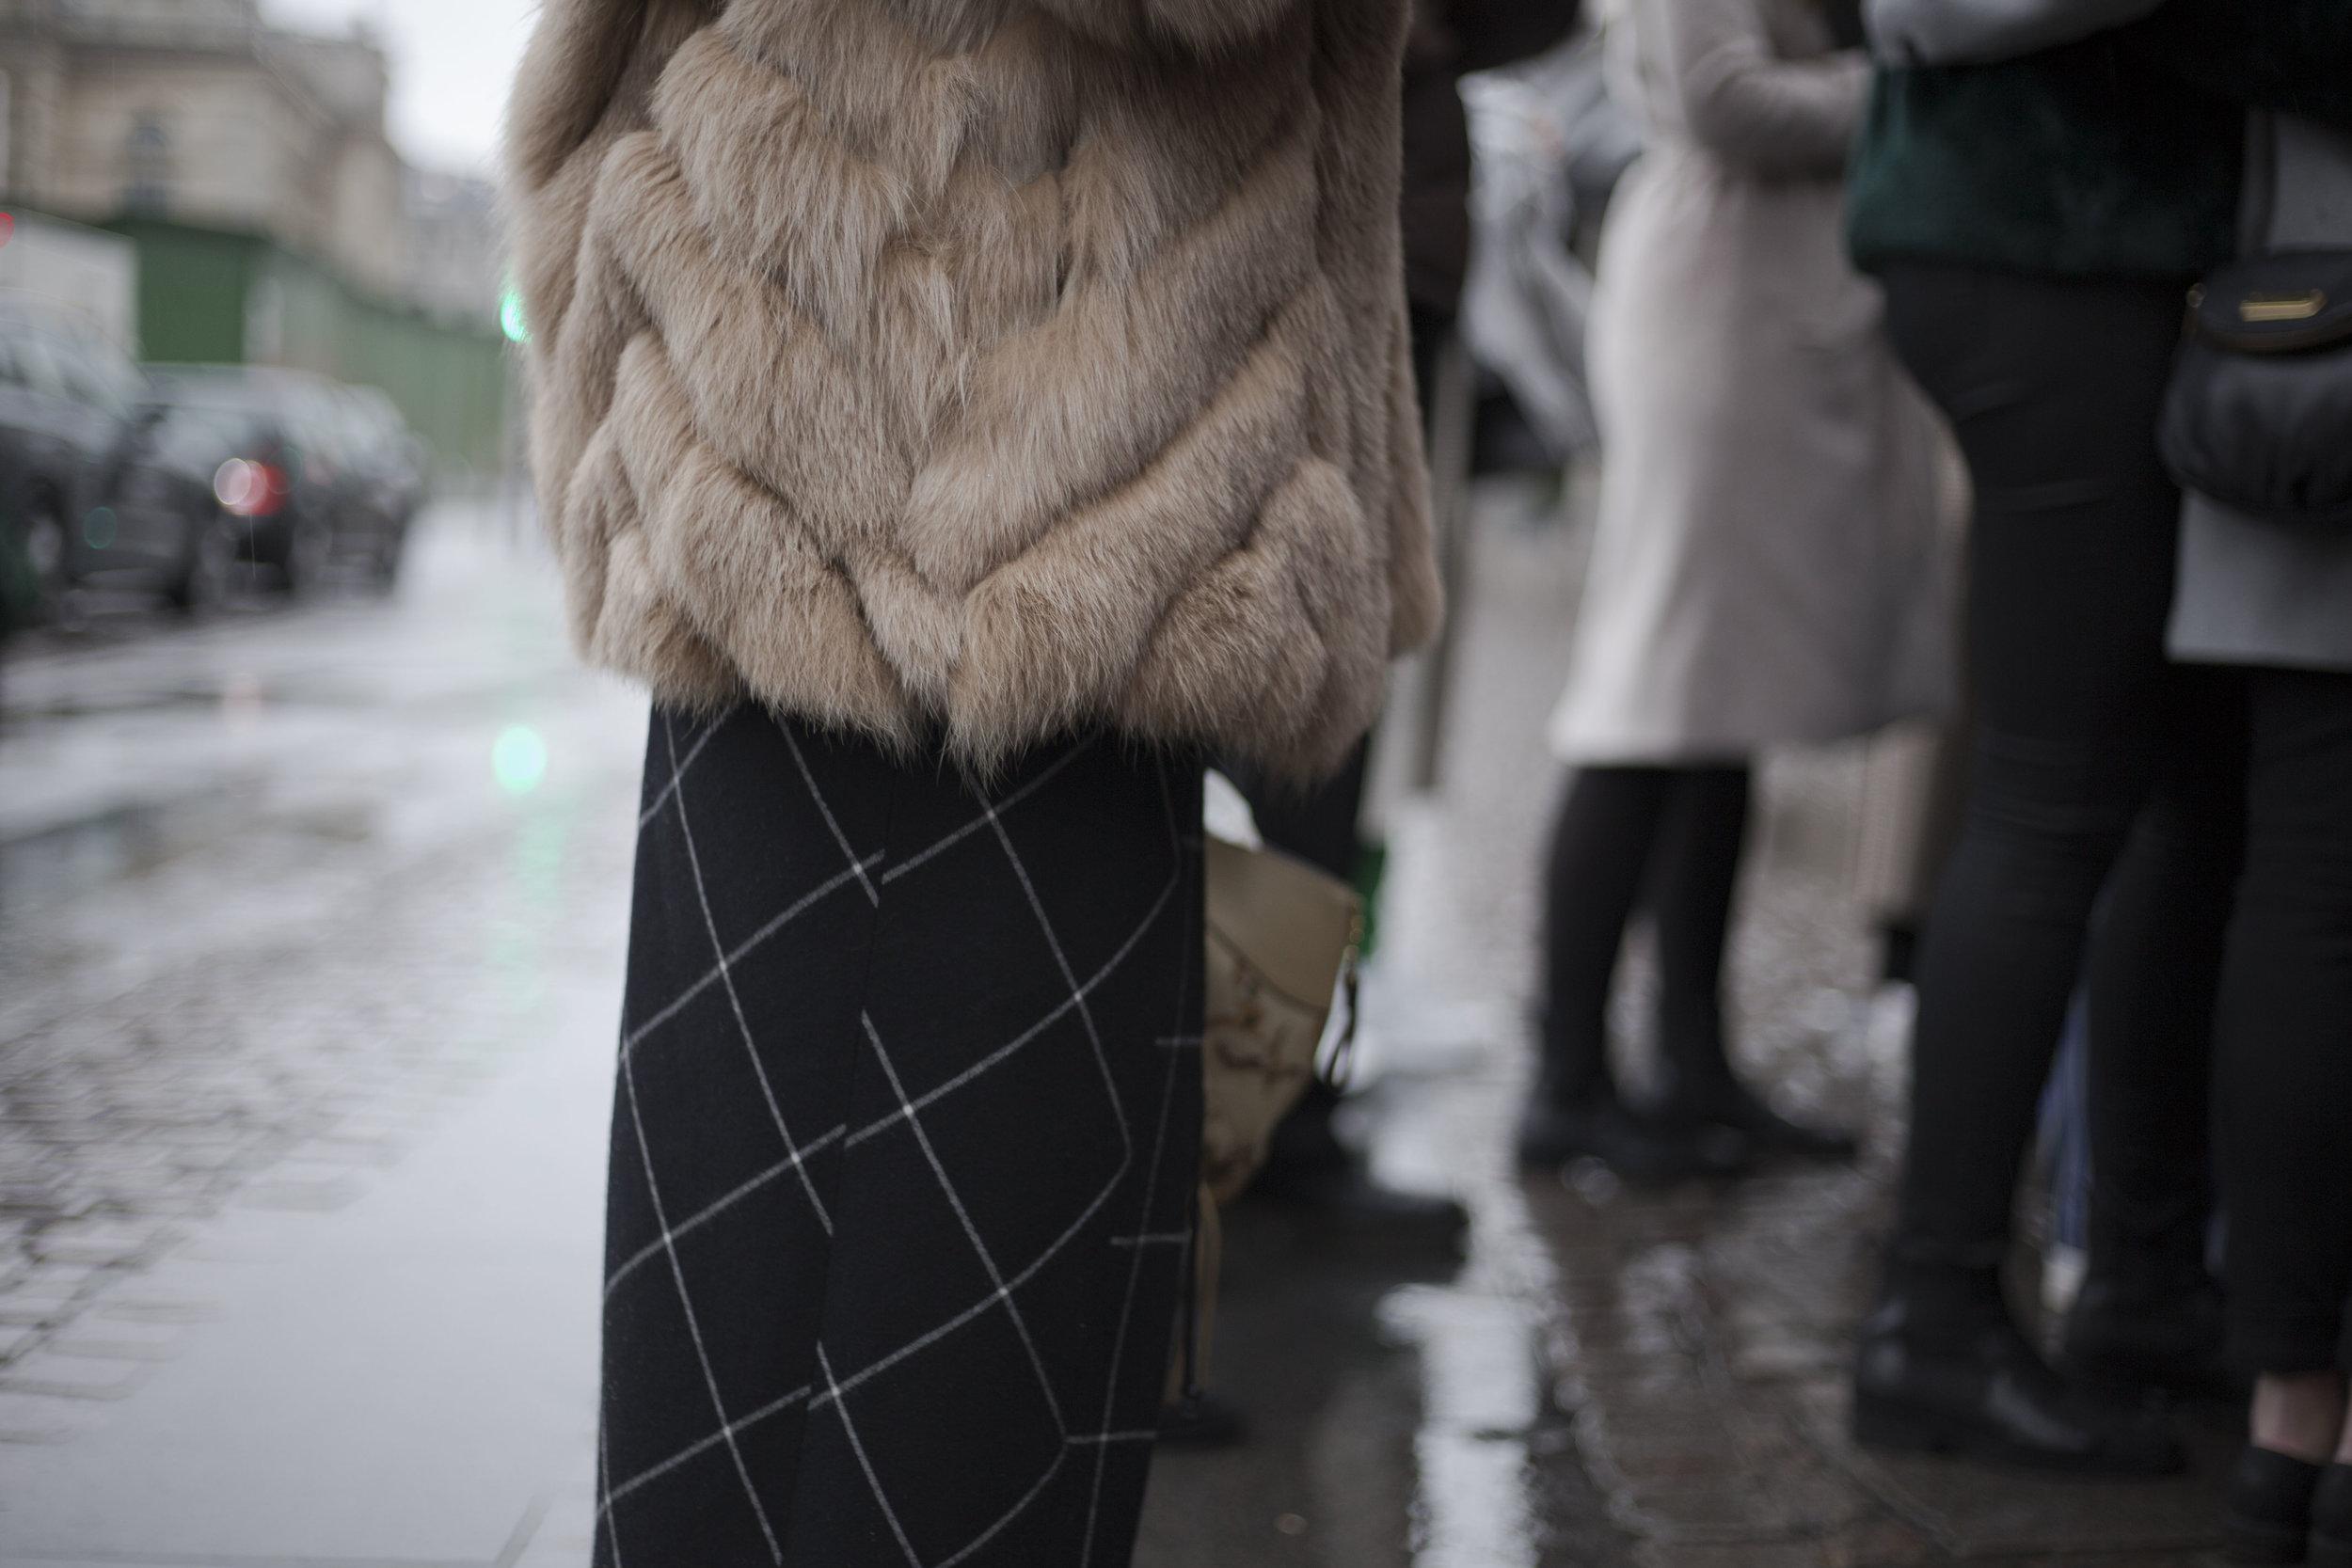 polliani-copenhagen-fashionweek-best-scandinavian-street-style-streetstyle-thestreetland-fashion-trend-style.jpg